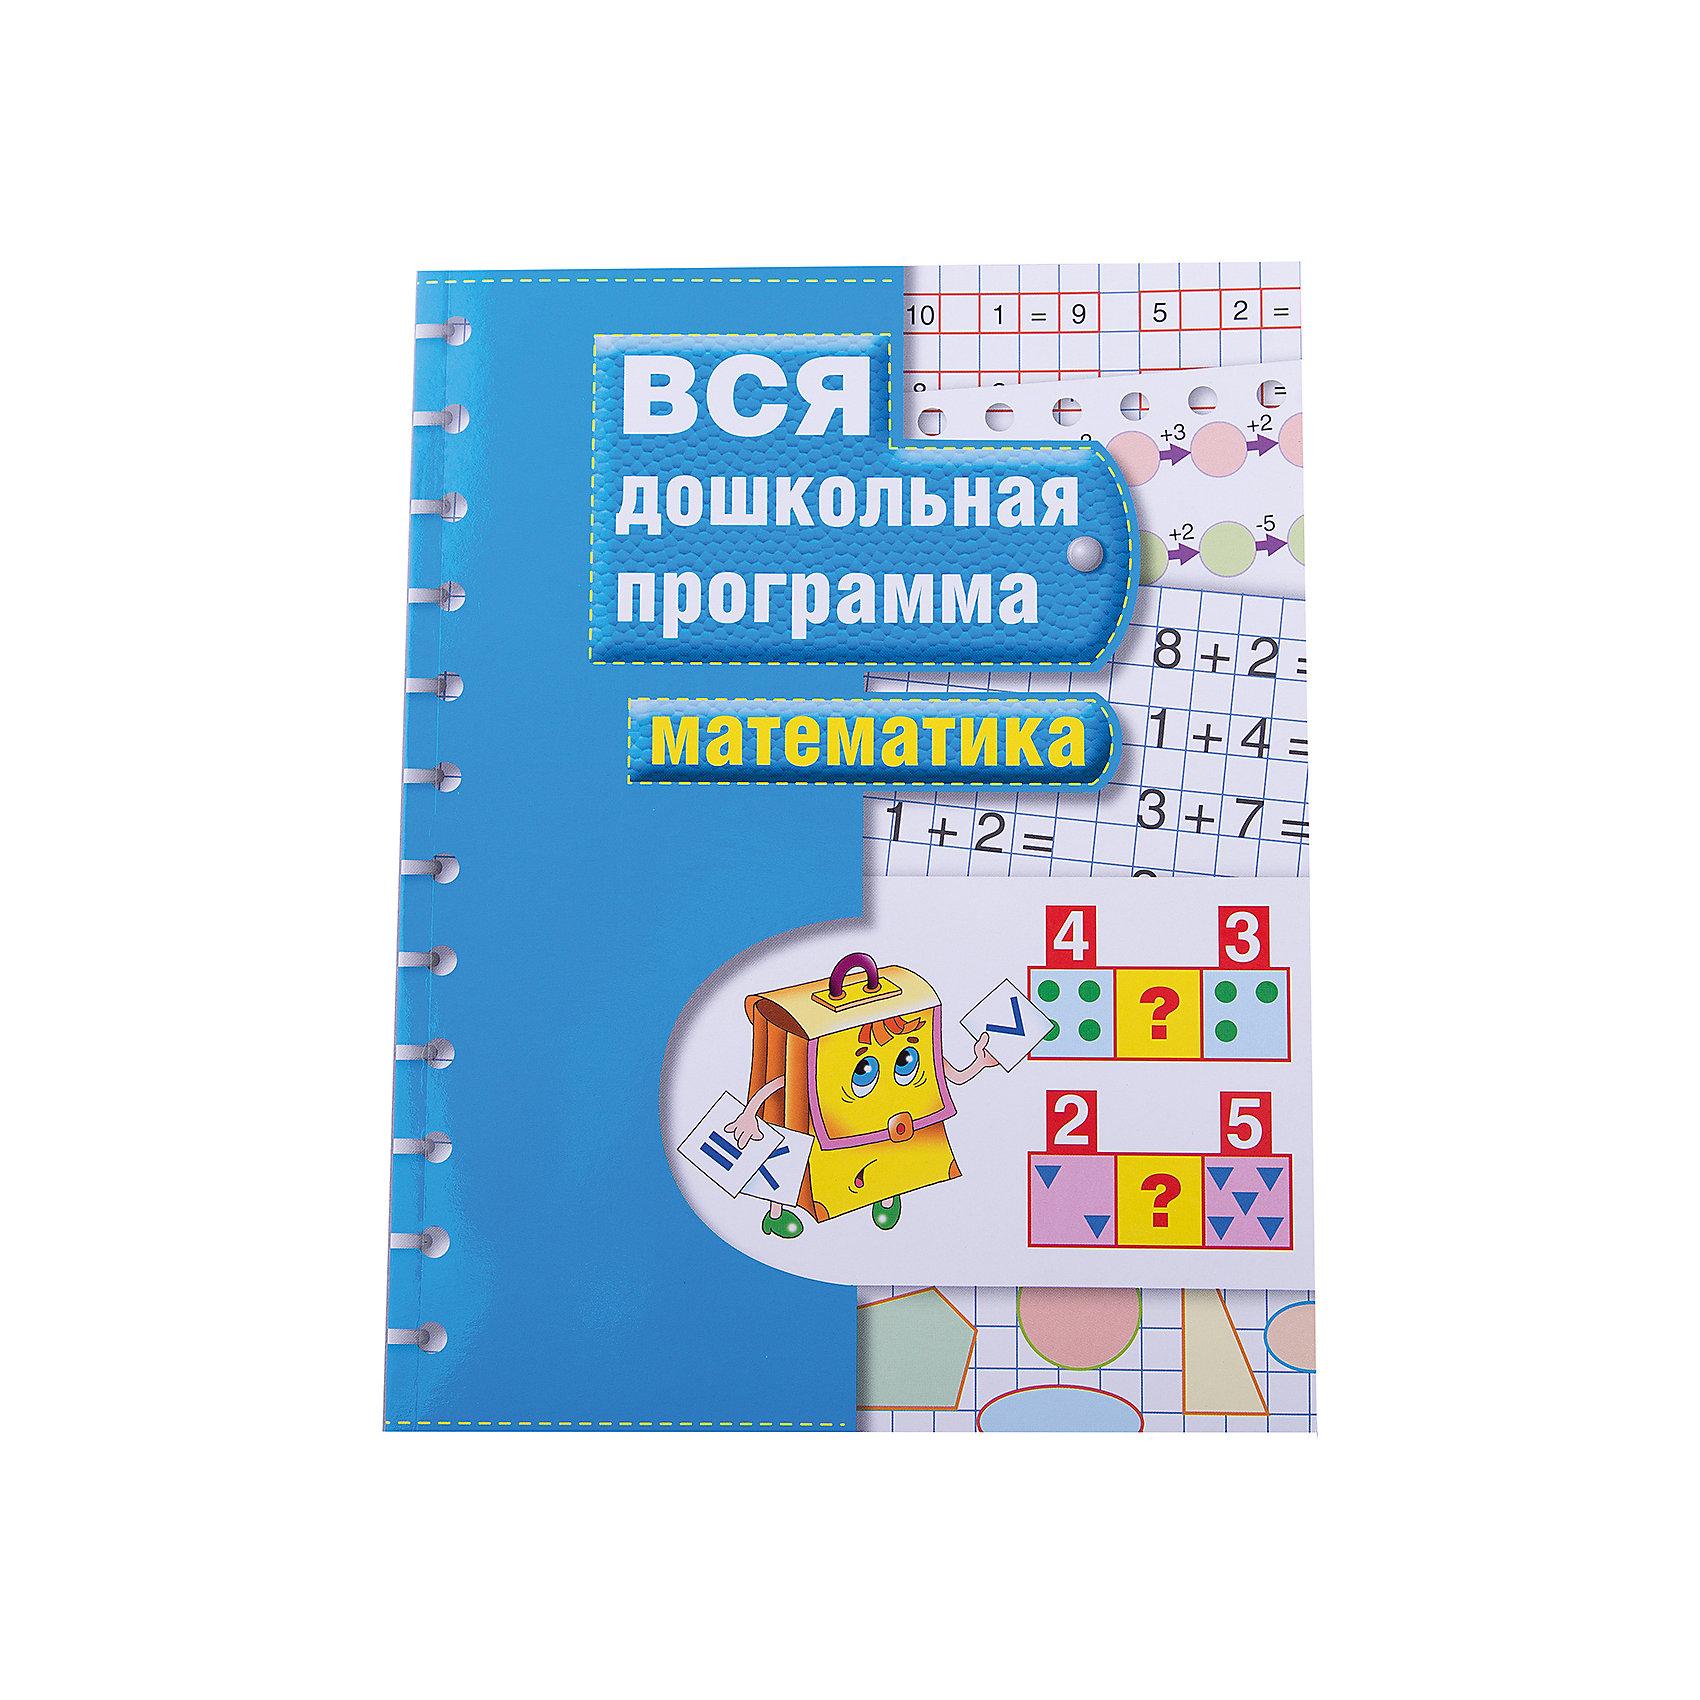 Росмэн Дошкольная программа Математика раннее развитие росмэн книга вся дошкольная программа математика